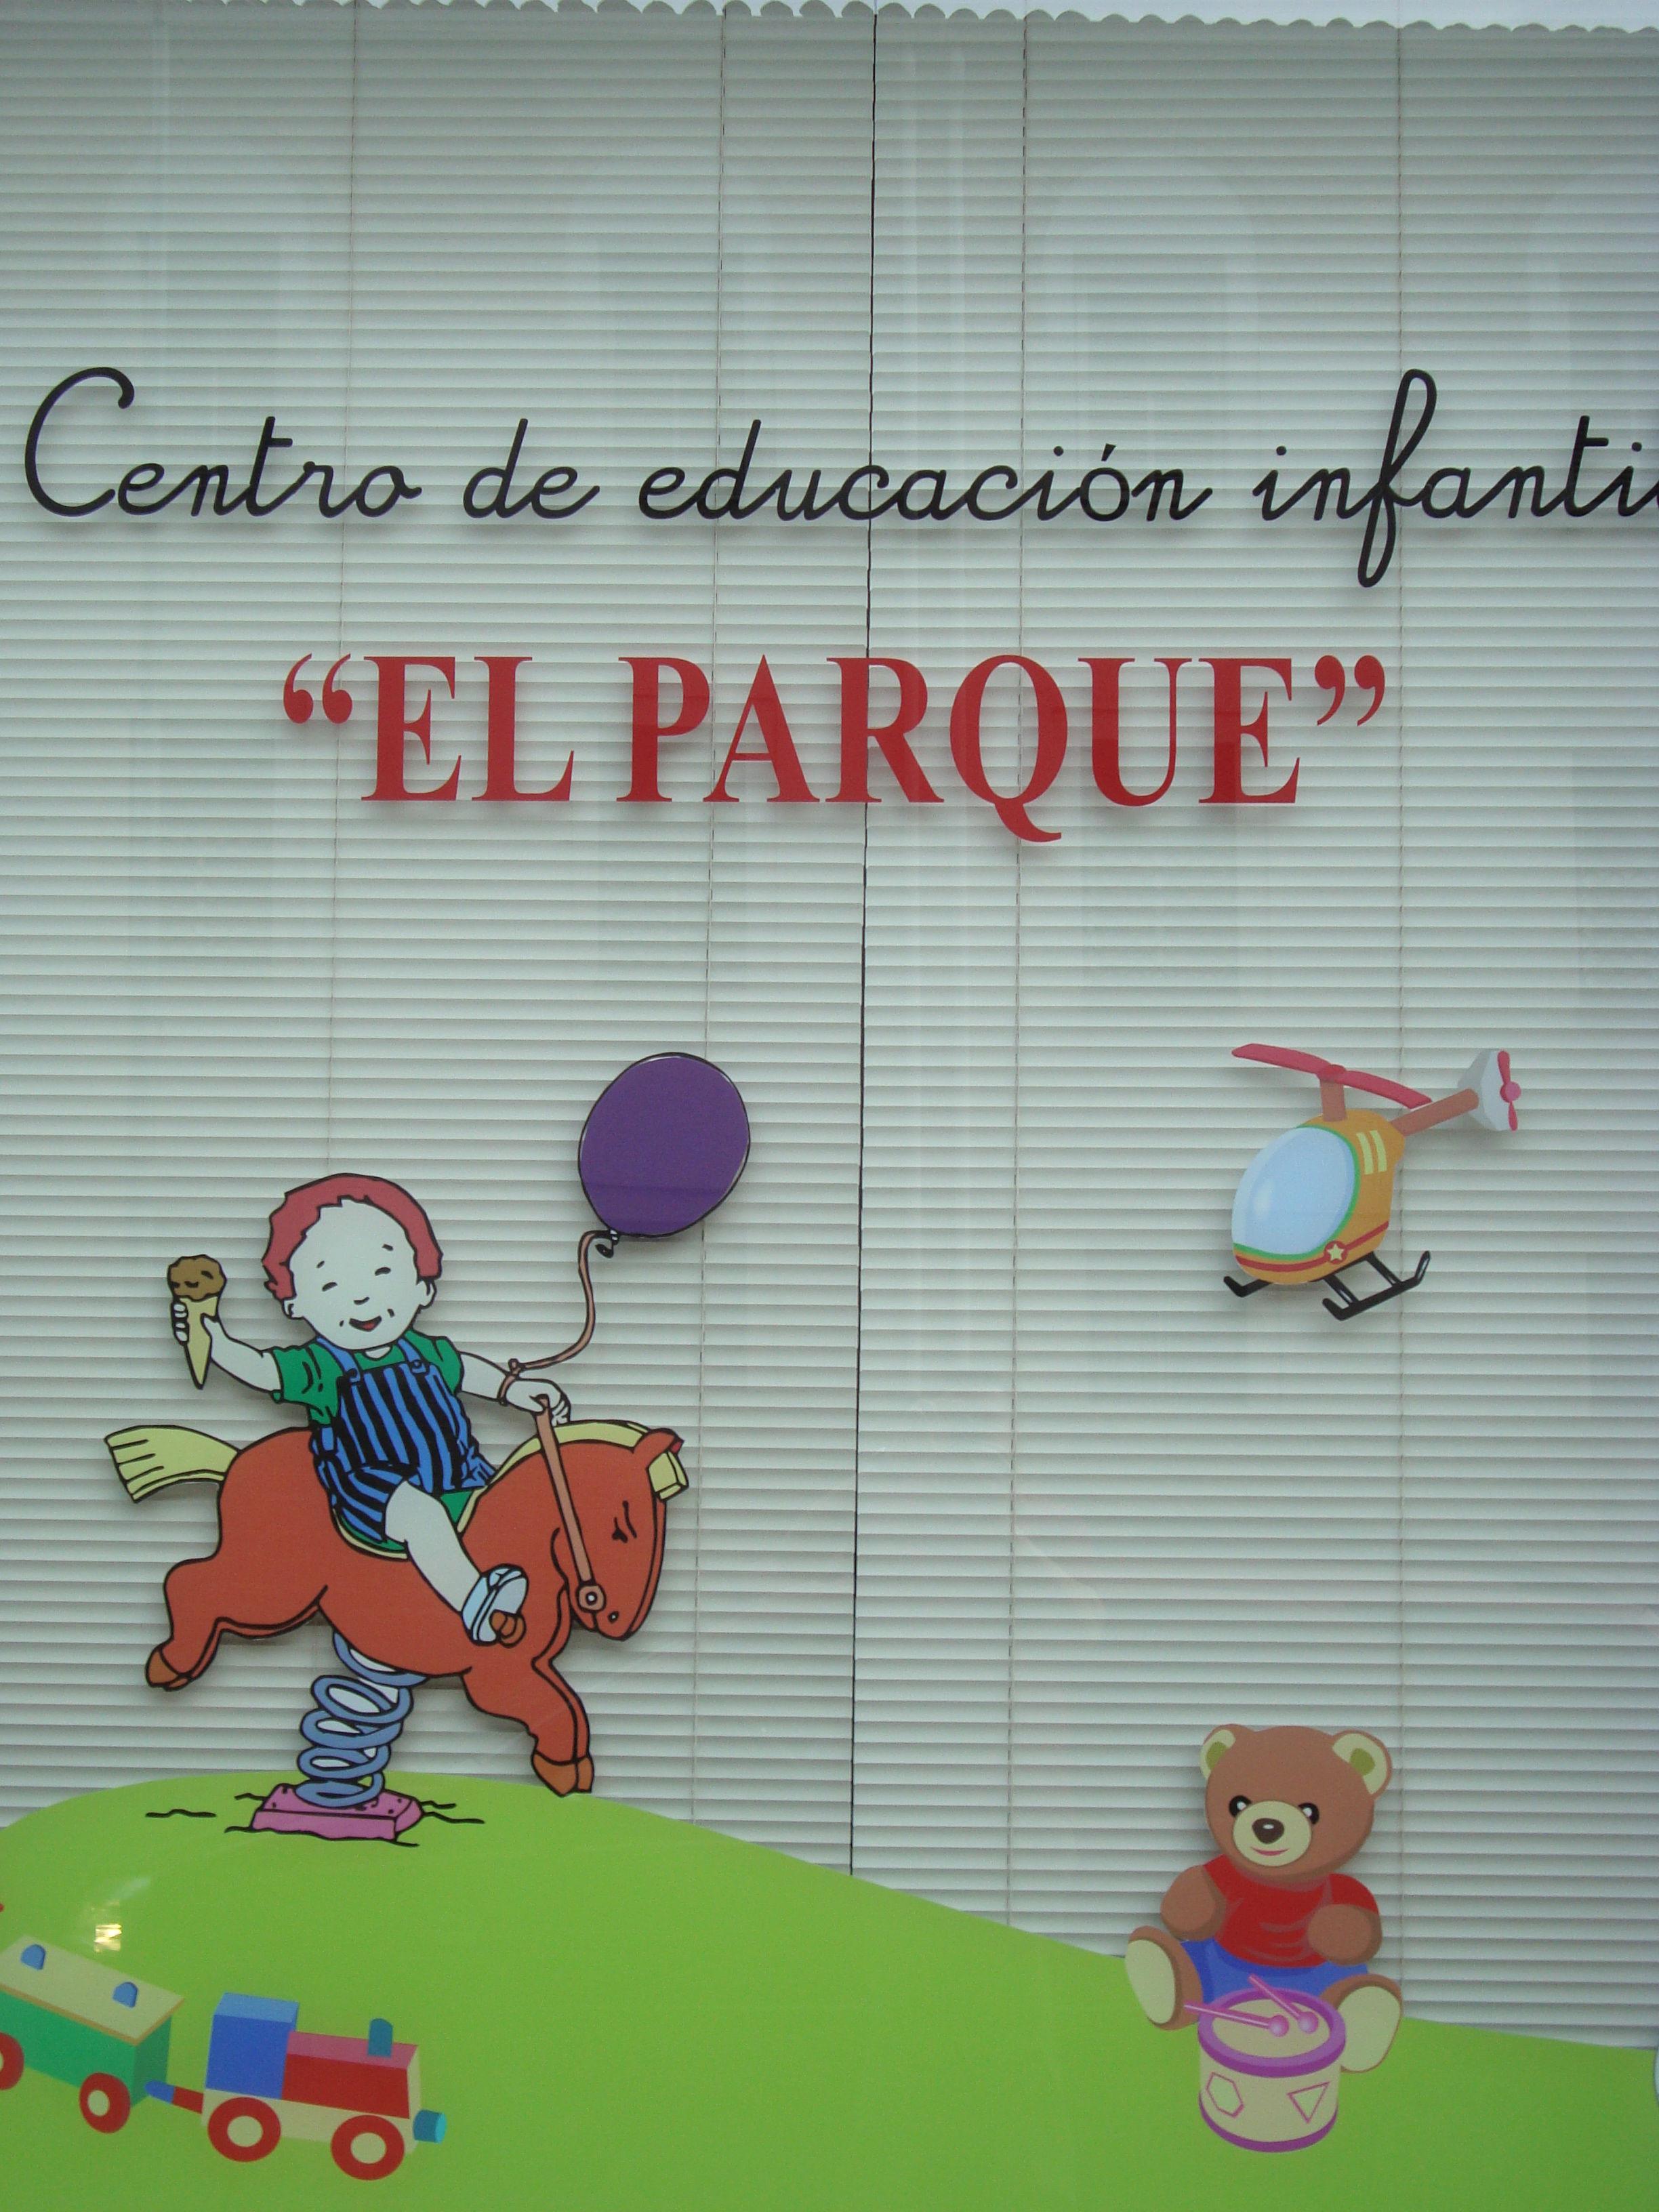 Foto 1 de Guarderías y Escuelas infantiles en Logroño | Centro de Educacion Infantil El Parque